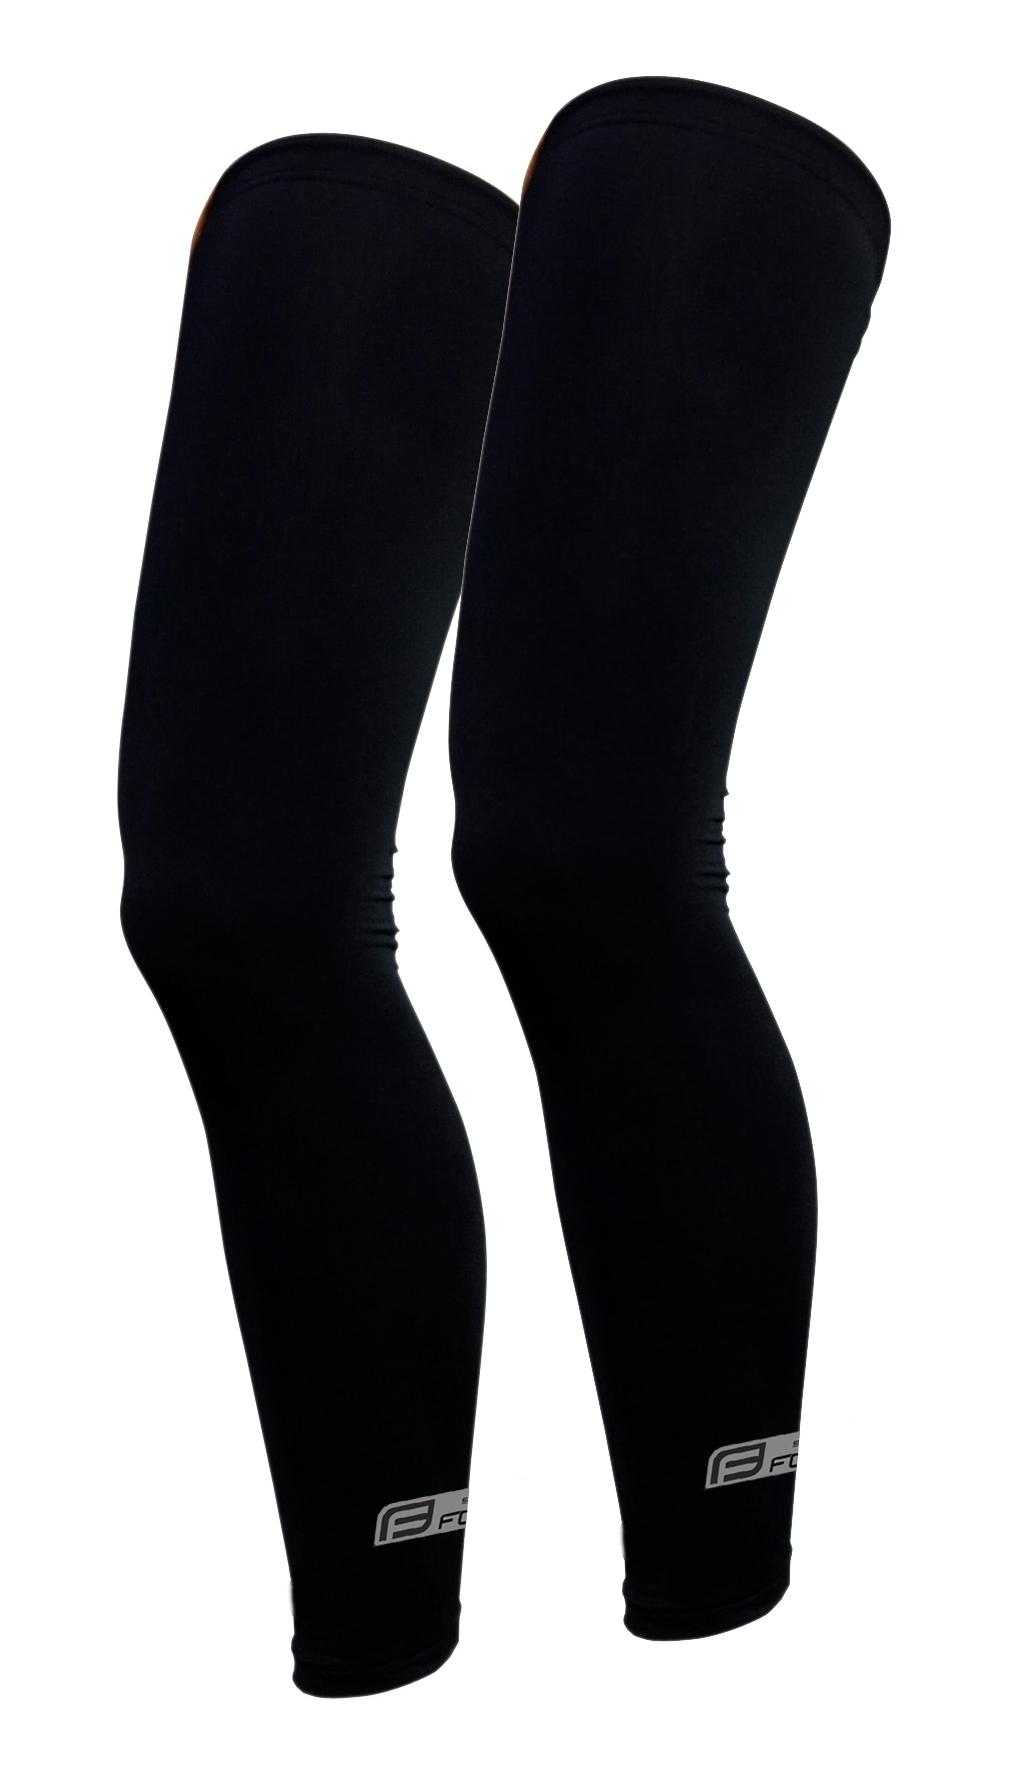 návleky na nohy FORCE RACE, lepené, černé XL